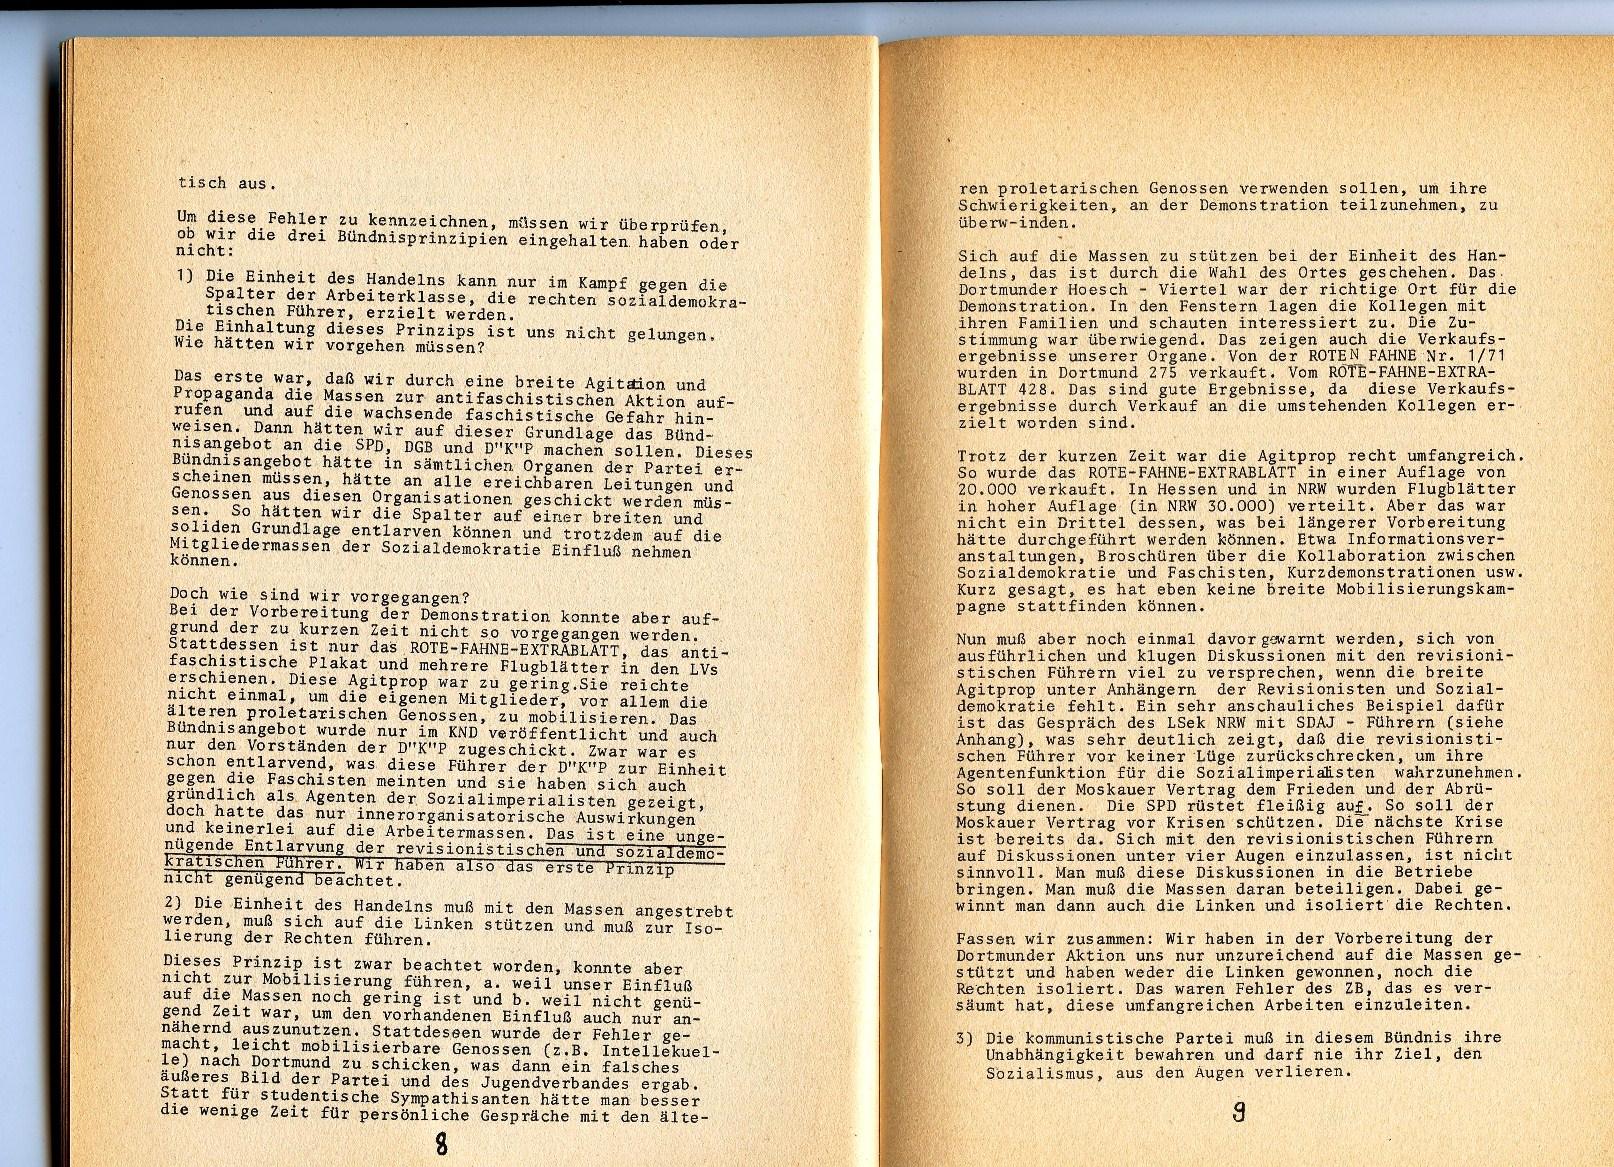 ZB_Parteiarbeiter_1971_Sondernummer_06